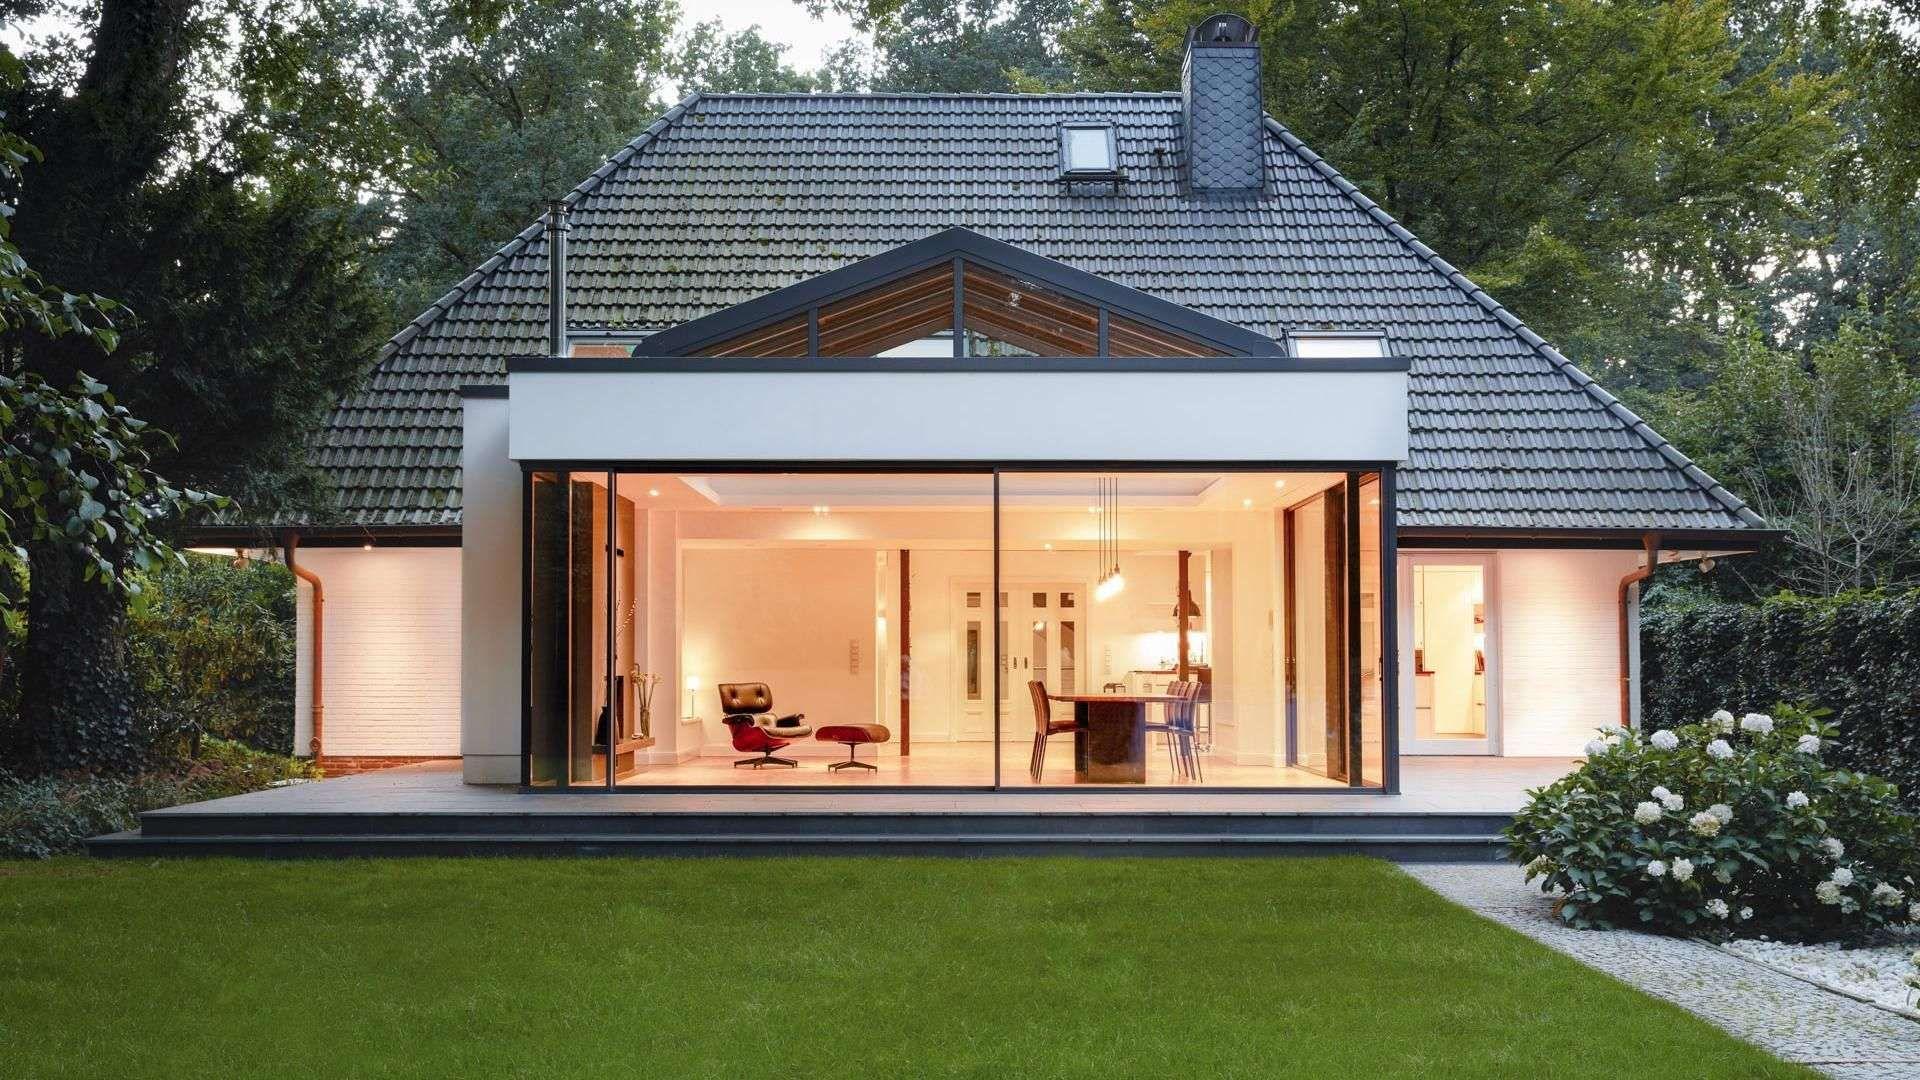 Einfamilienhaus mit cero Schiebefenster zum Garten hin